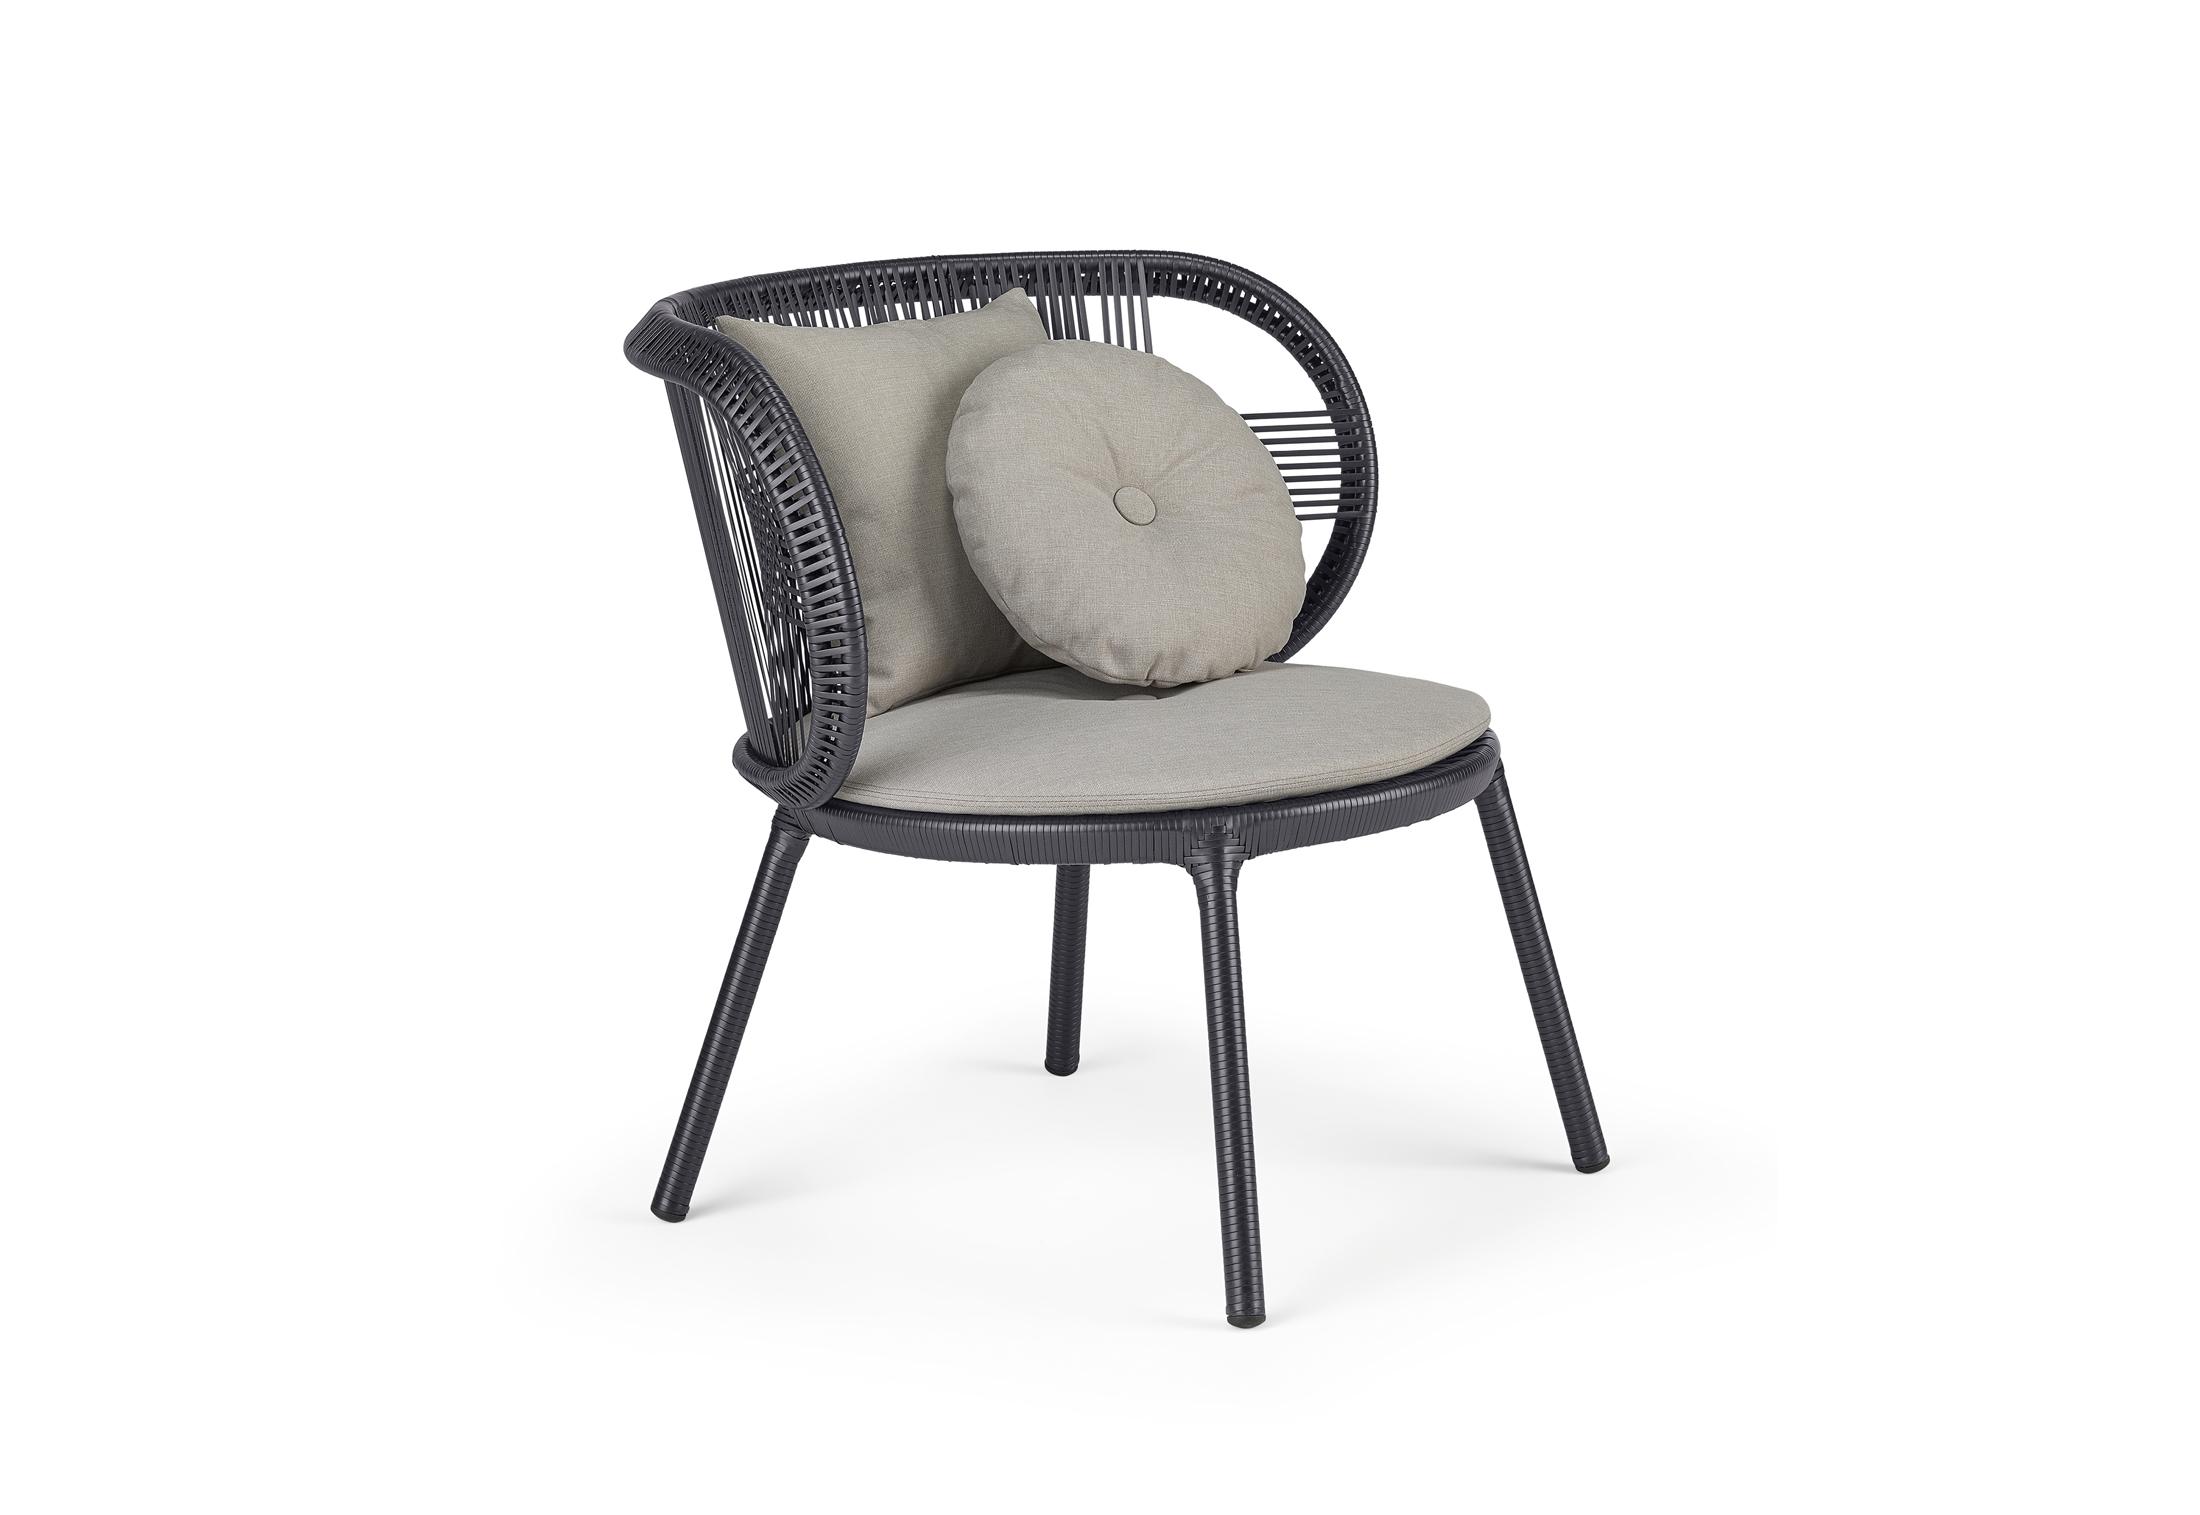 CIRQL Lounge Chair · CIRQL Lounge Chair ...